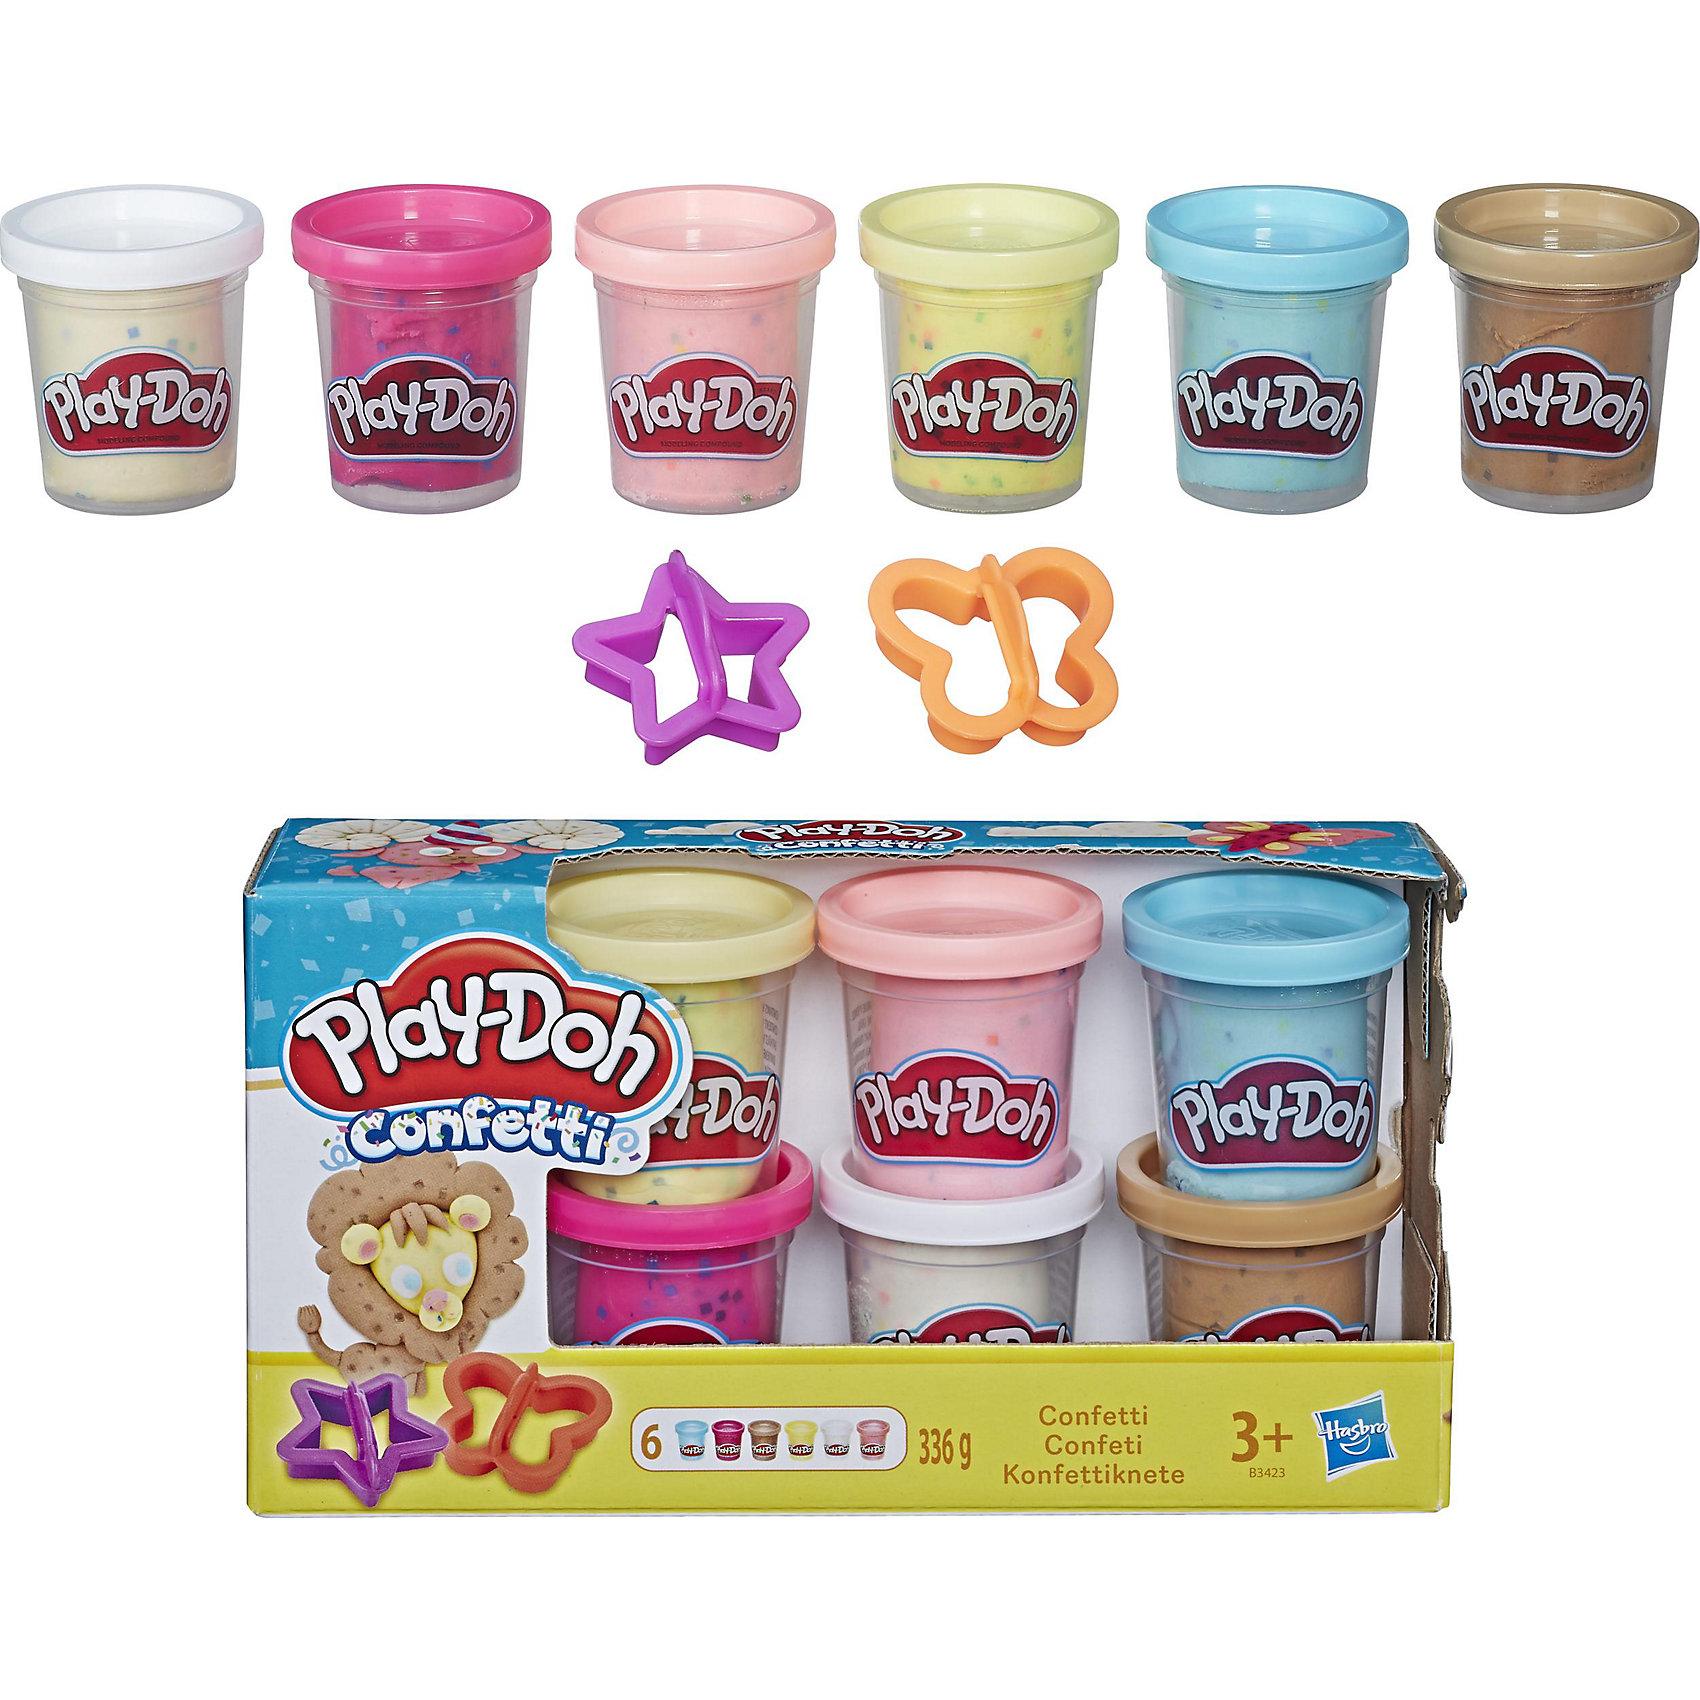 Hasbro Набор из 6 баночек с конфетти, Play-Doh hasbro play doh игровой набор из 3 цветов цвета в ассортименте с 2 лет